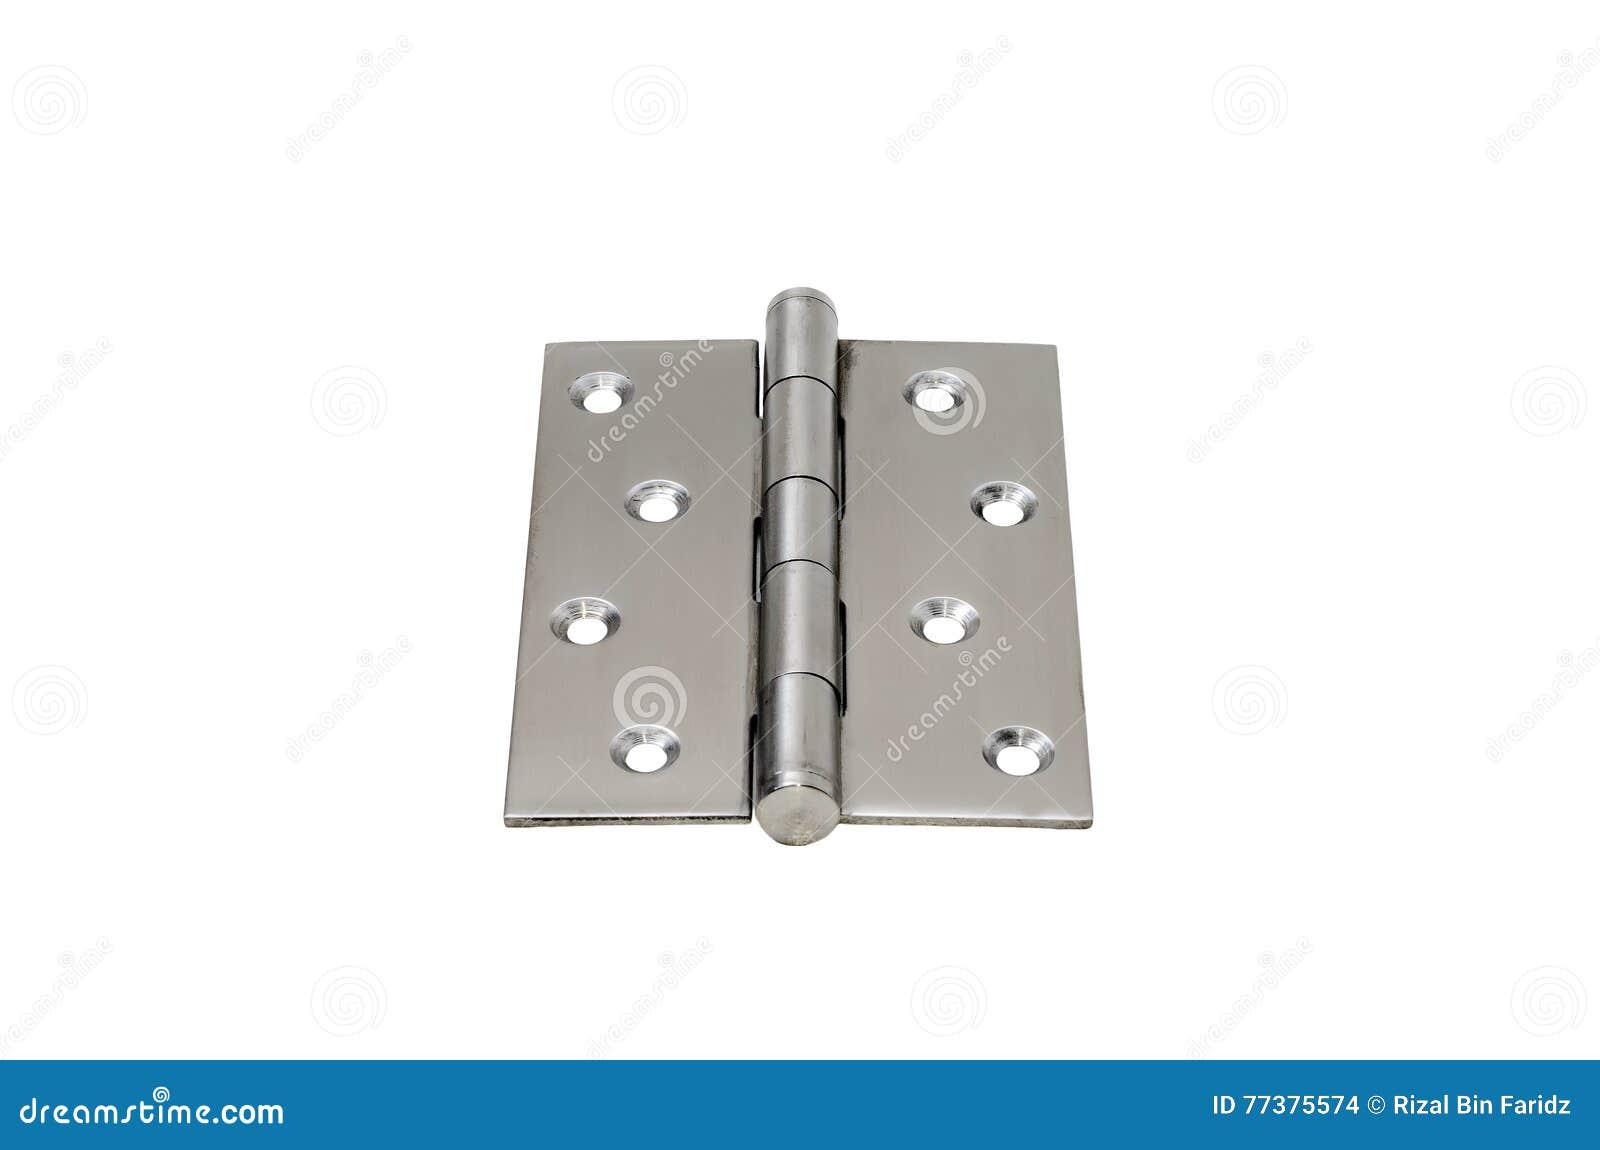 Steel hinges stock photo  Image of industrial, hinge - 77375574